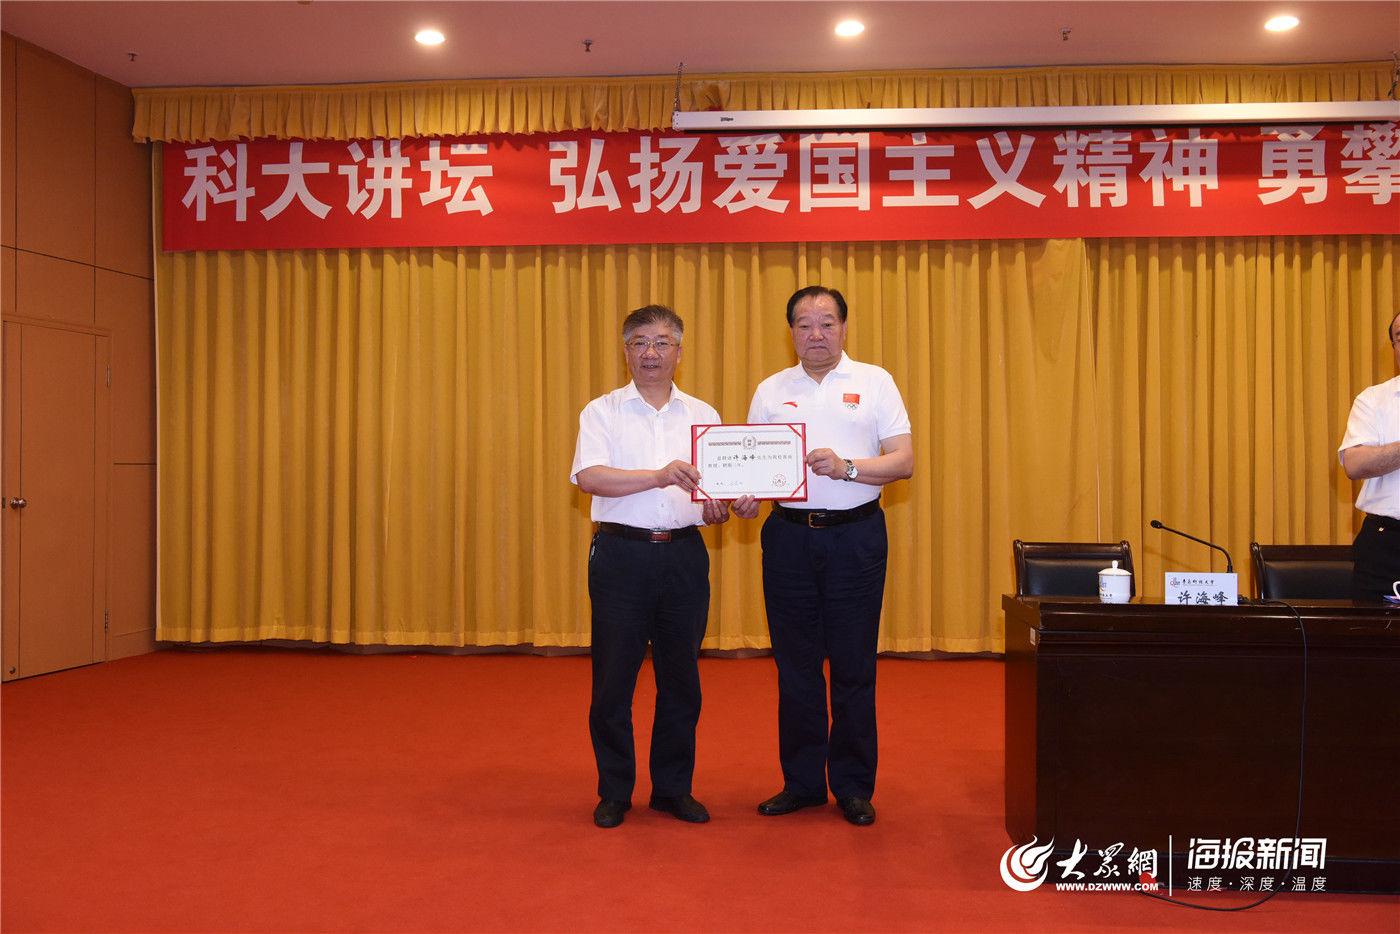 中国奥运金牌第一人许海峰受聘青岛科技大学